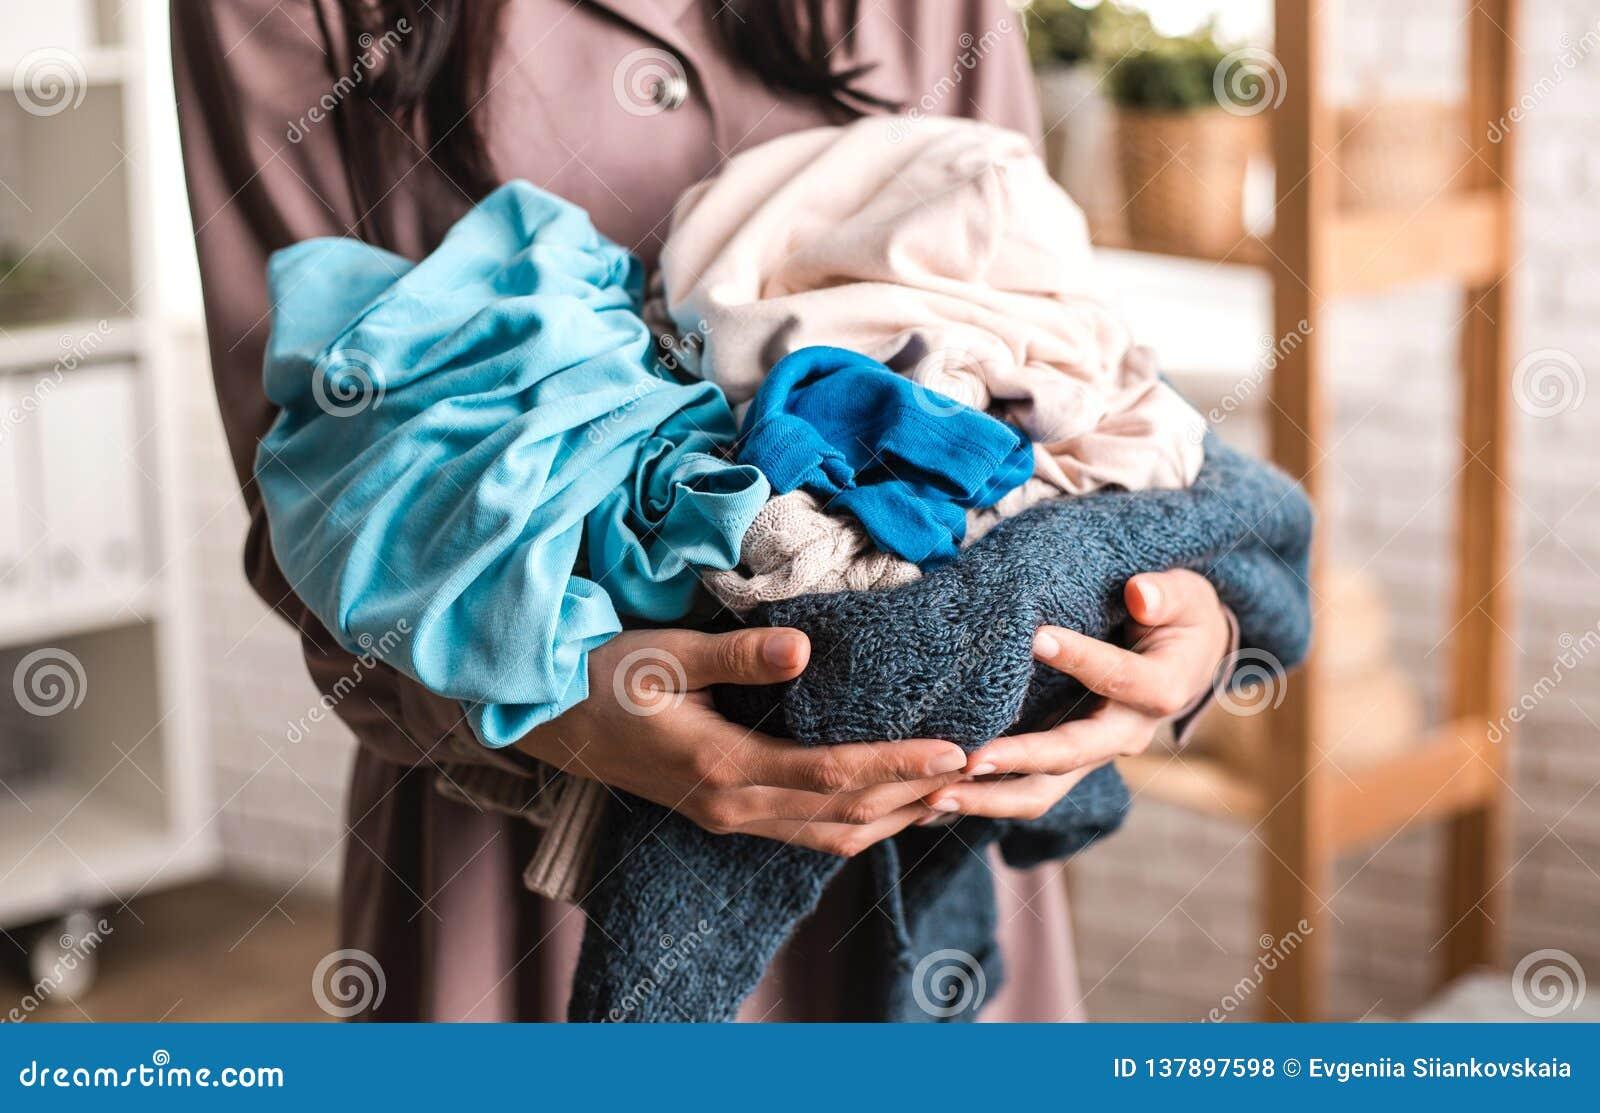 Gospodyni domowa starannie trzyma stos odziewa